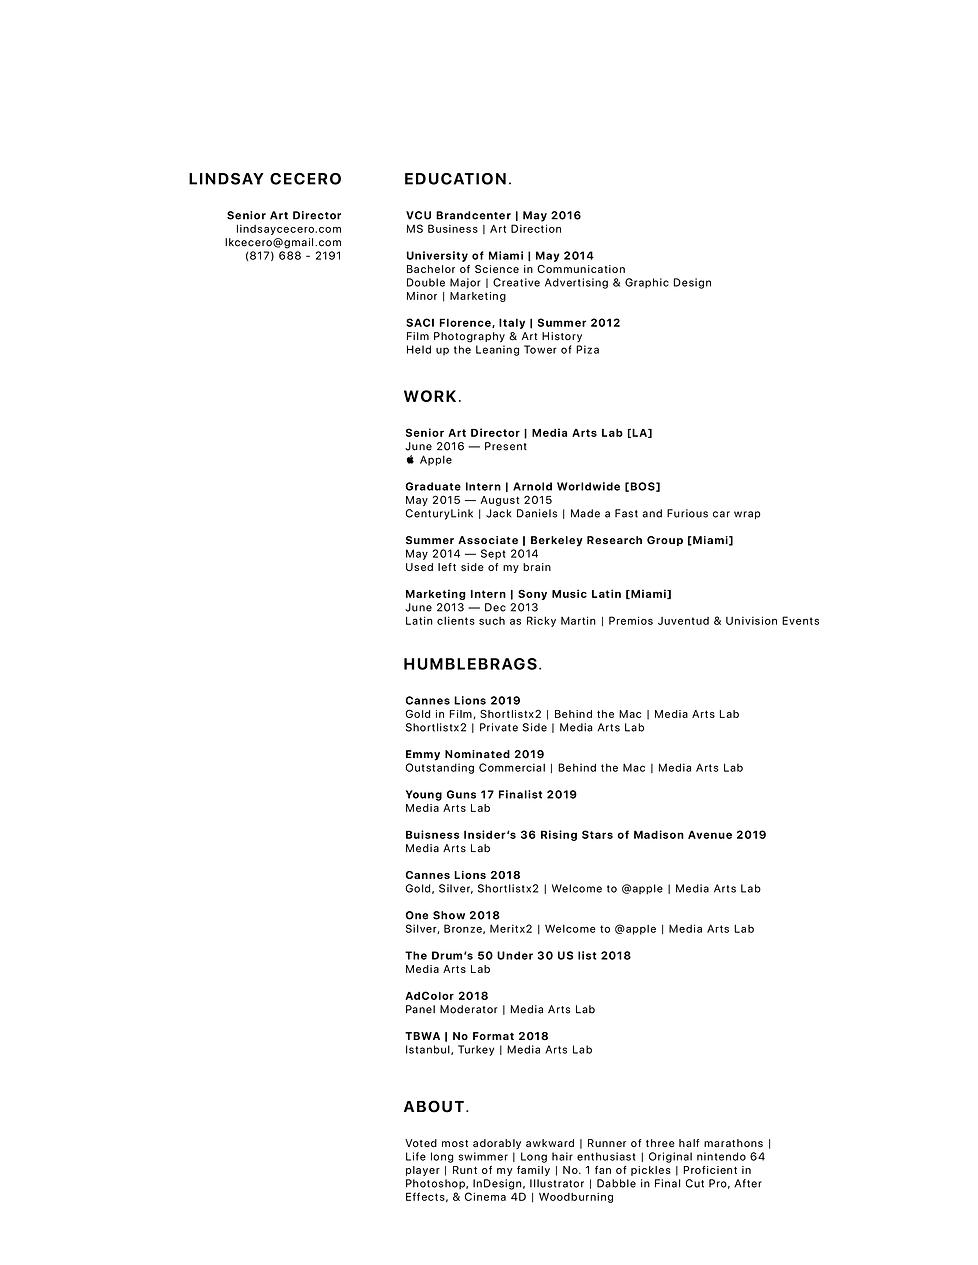 LindsayCeceroResume|2020.png